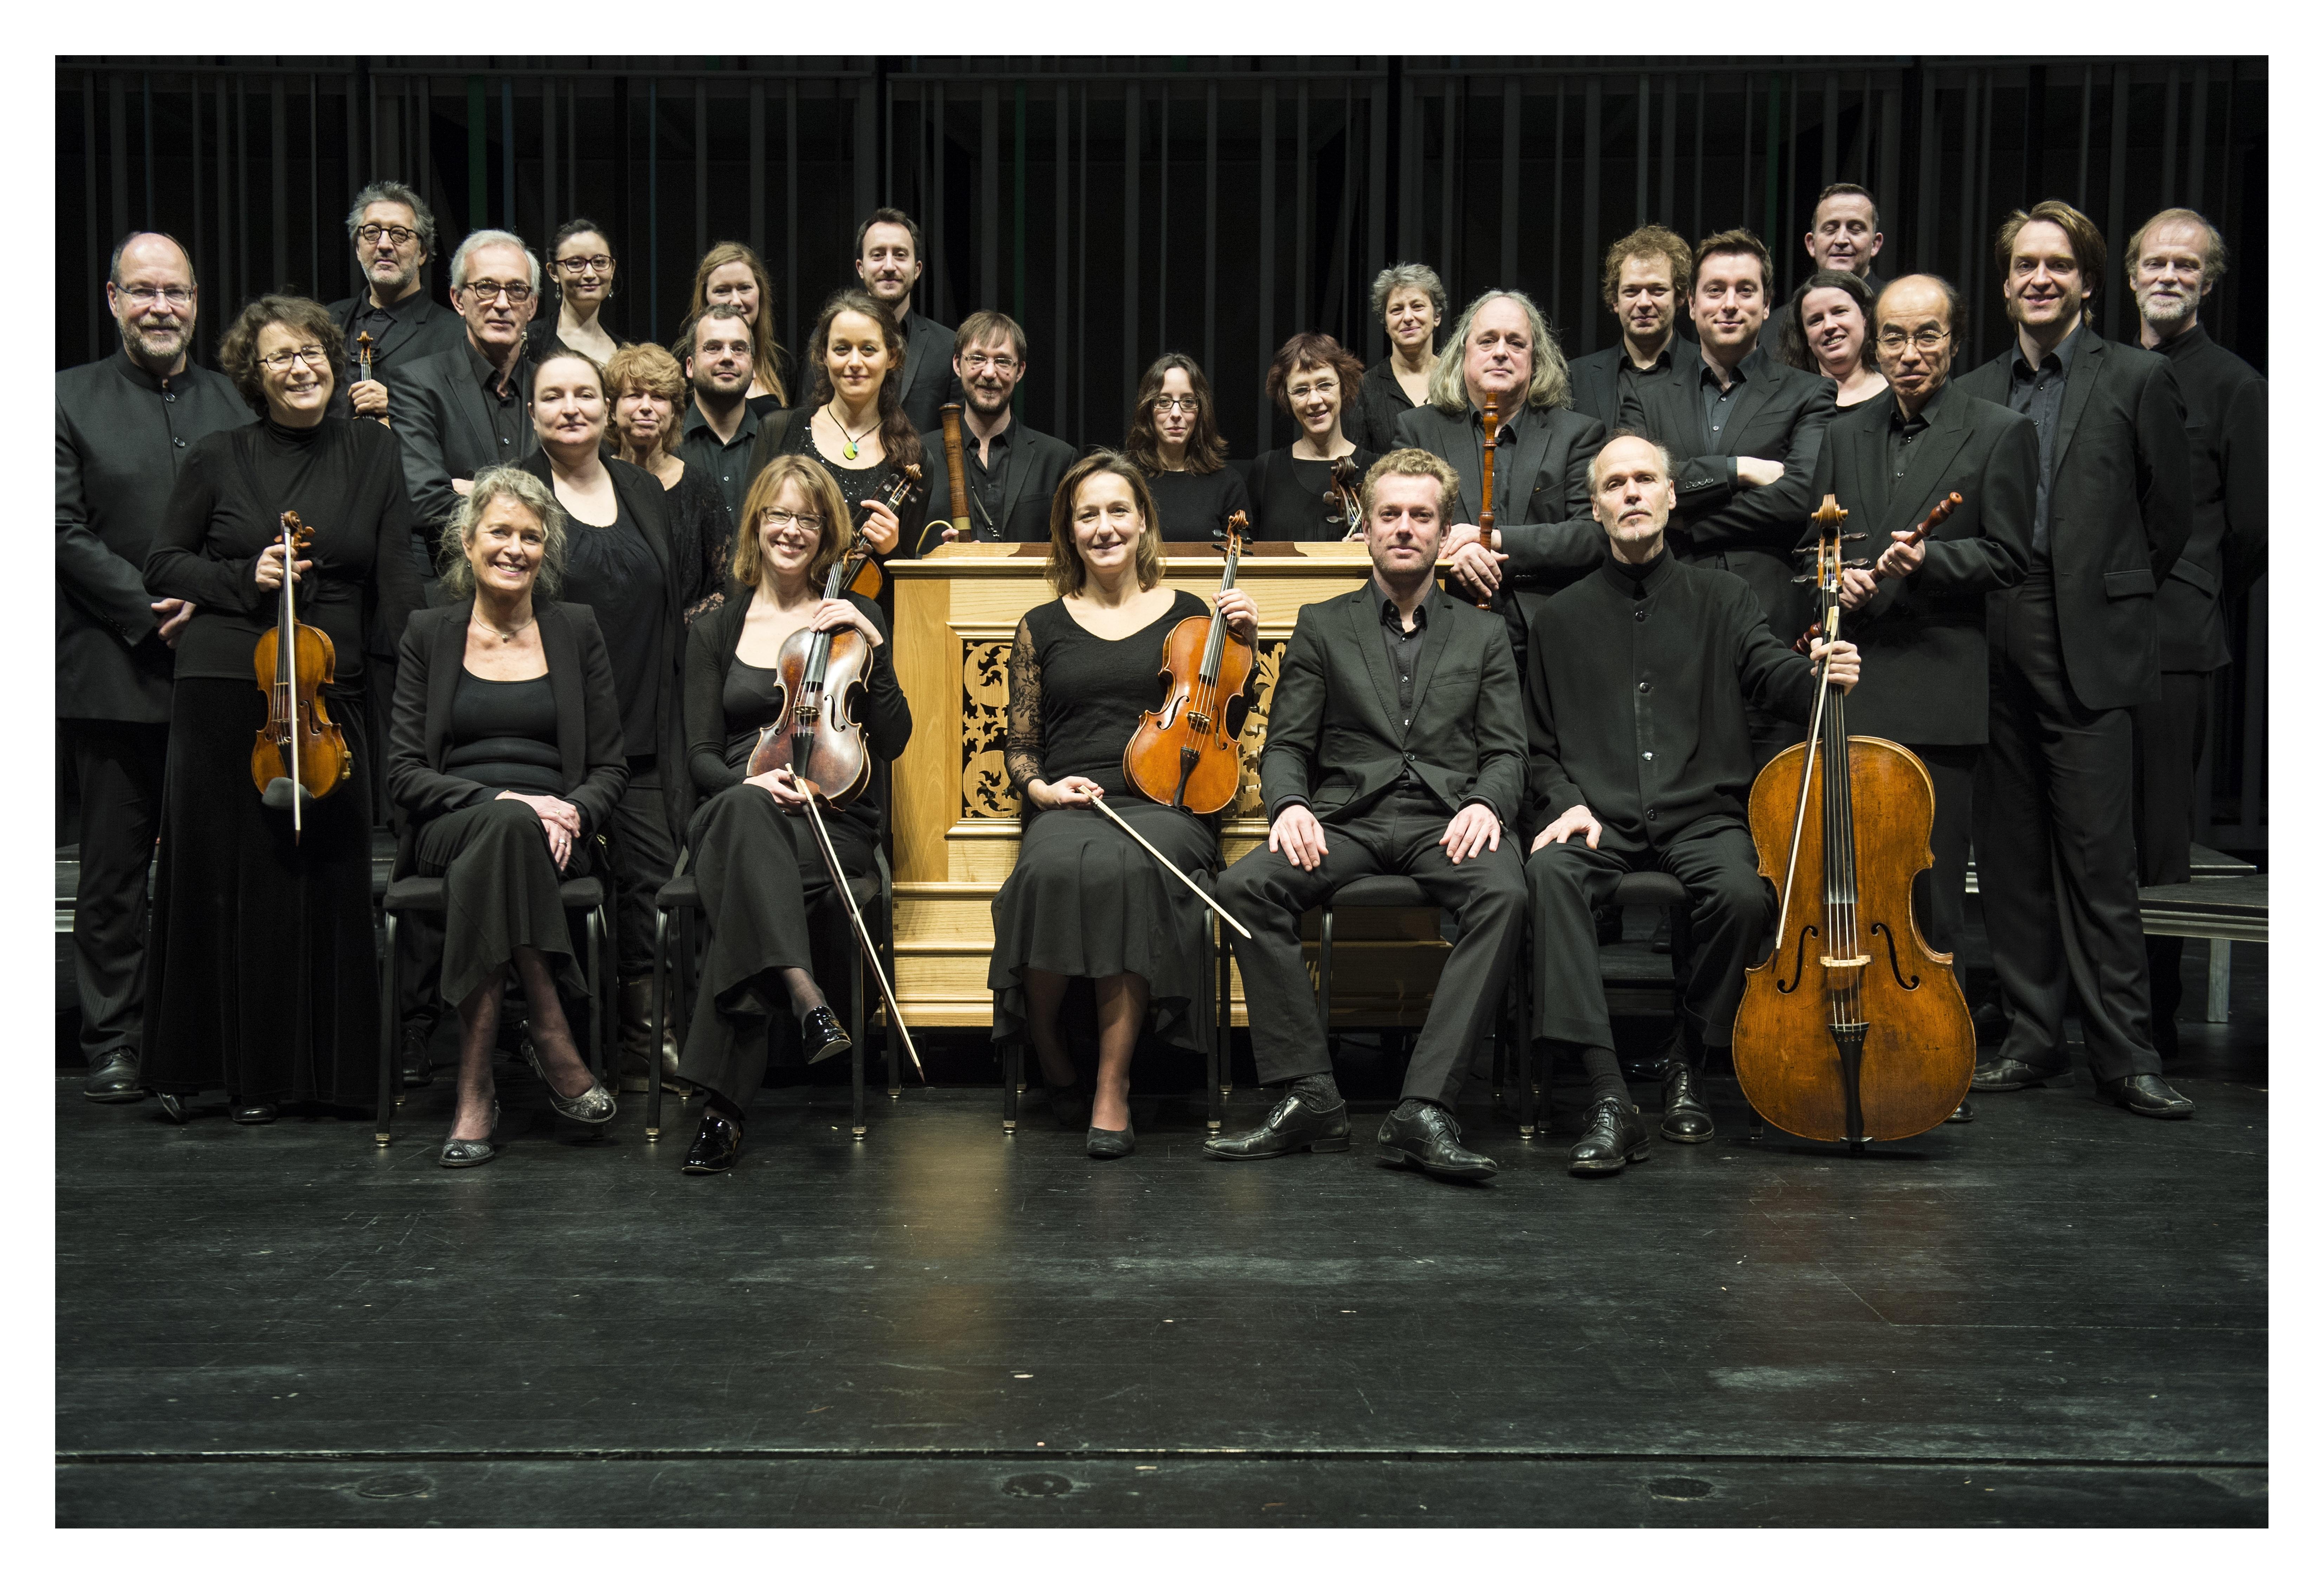 Collegium Vocale Gent, choir and orchestra